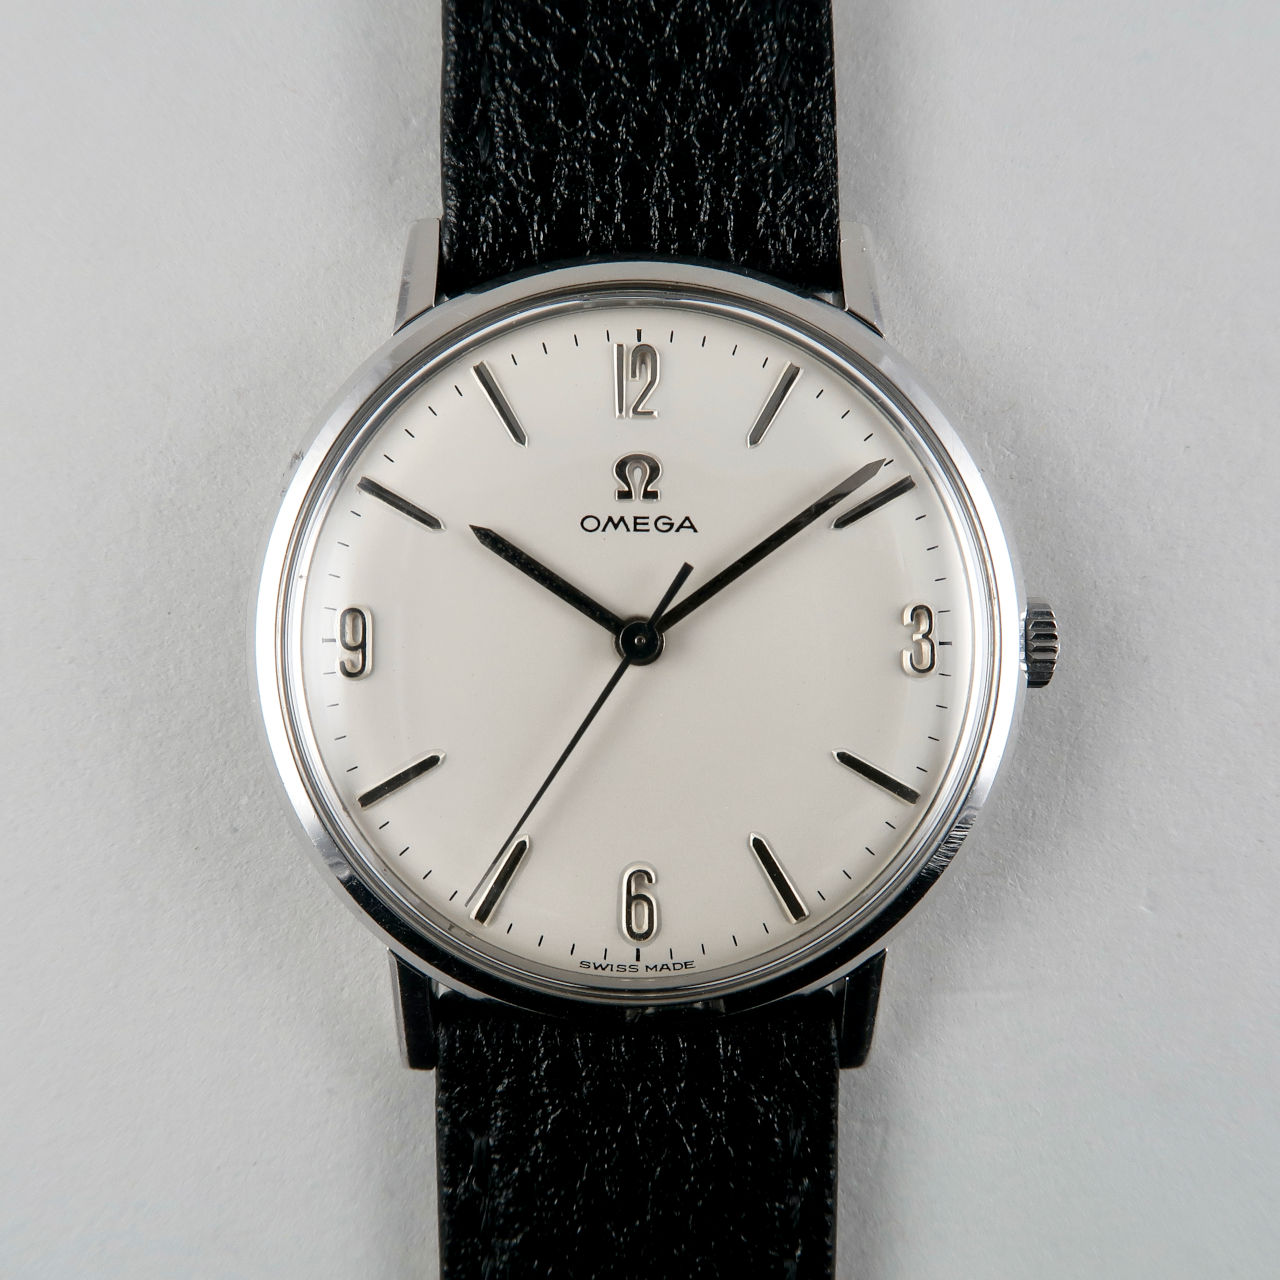 Omega Ref. 131.019 circa 1965 | steel hand wound vintage wristwatch